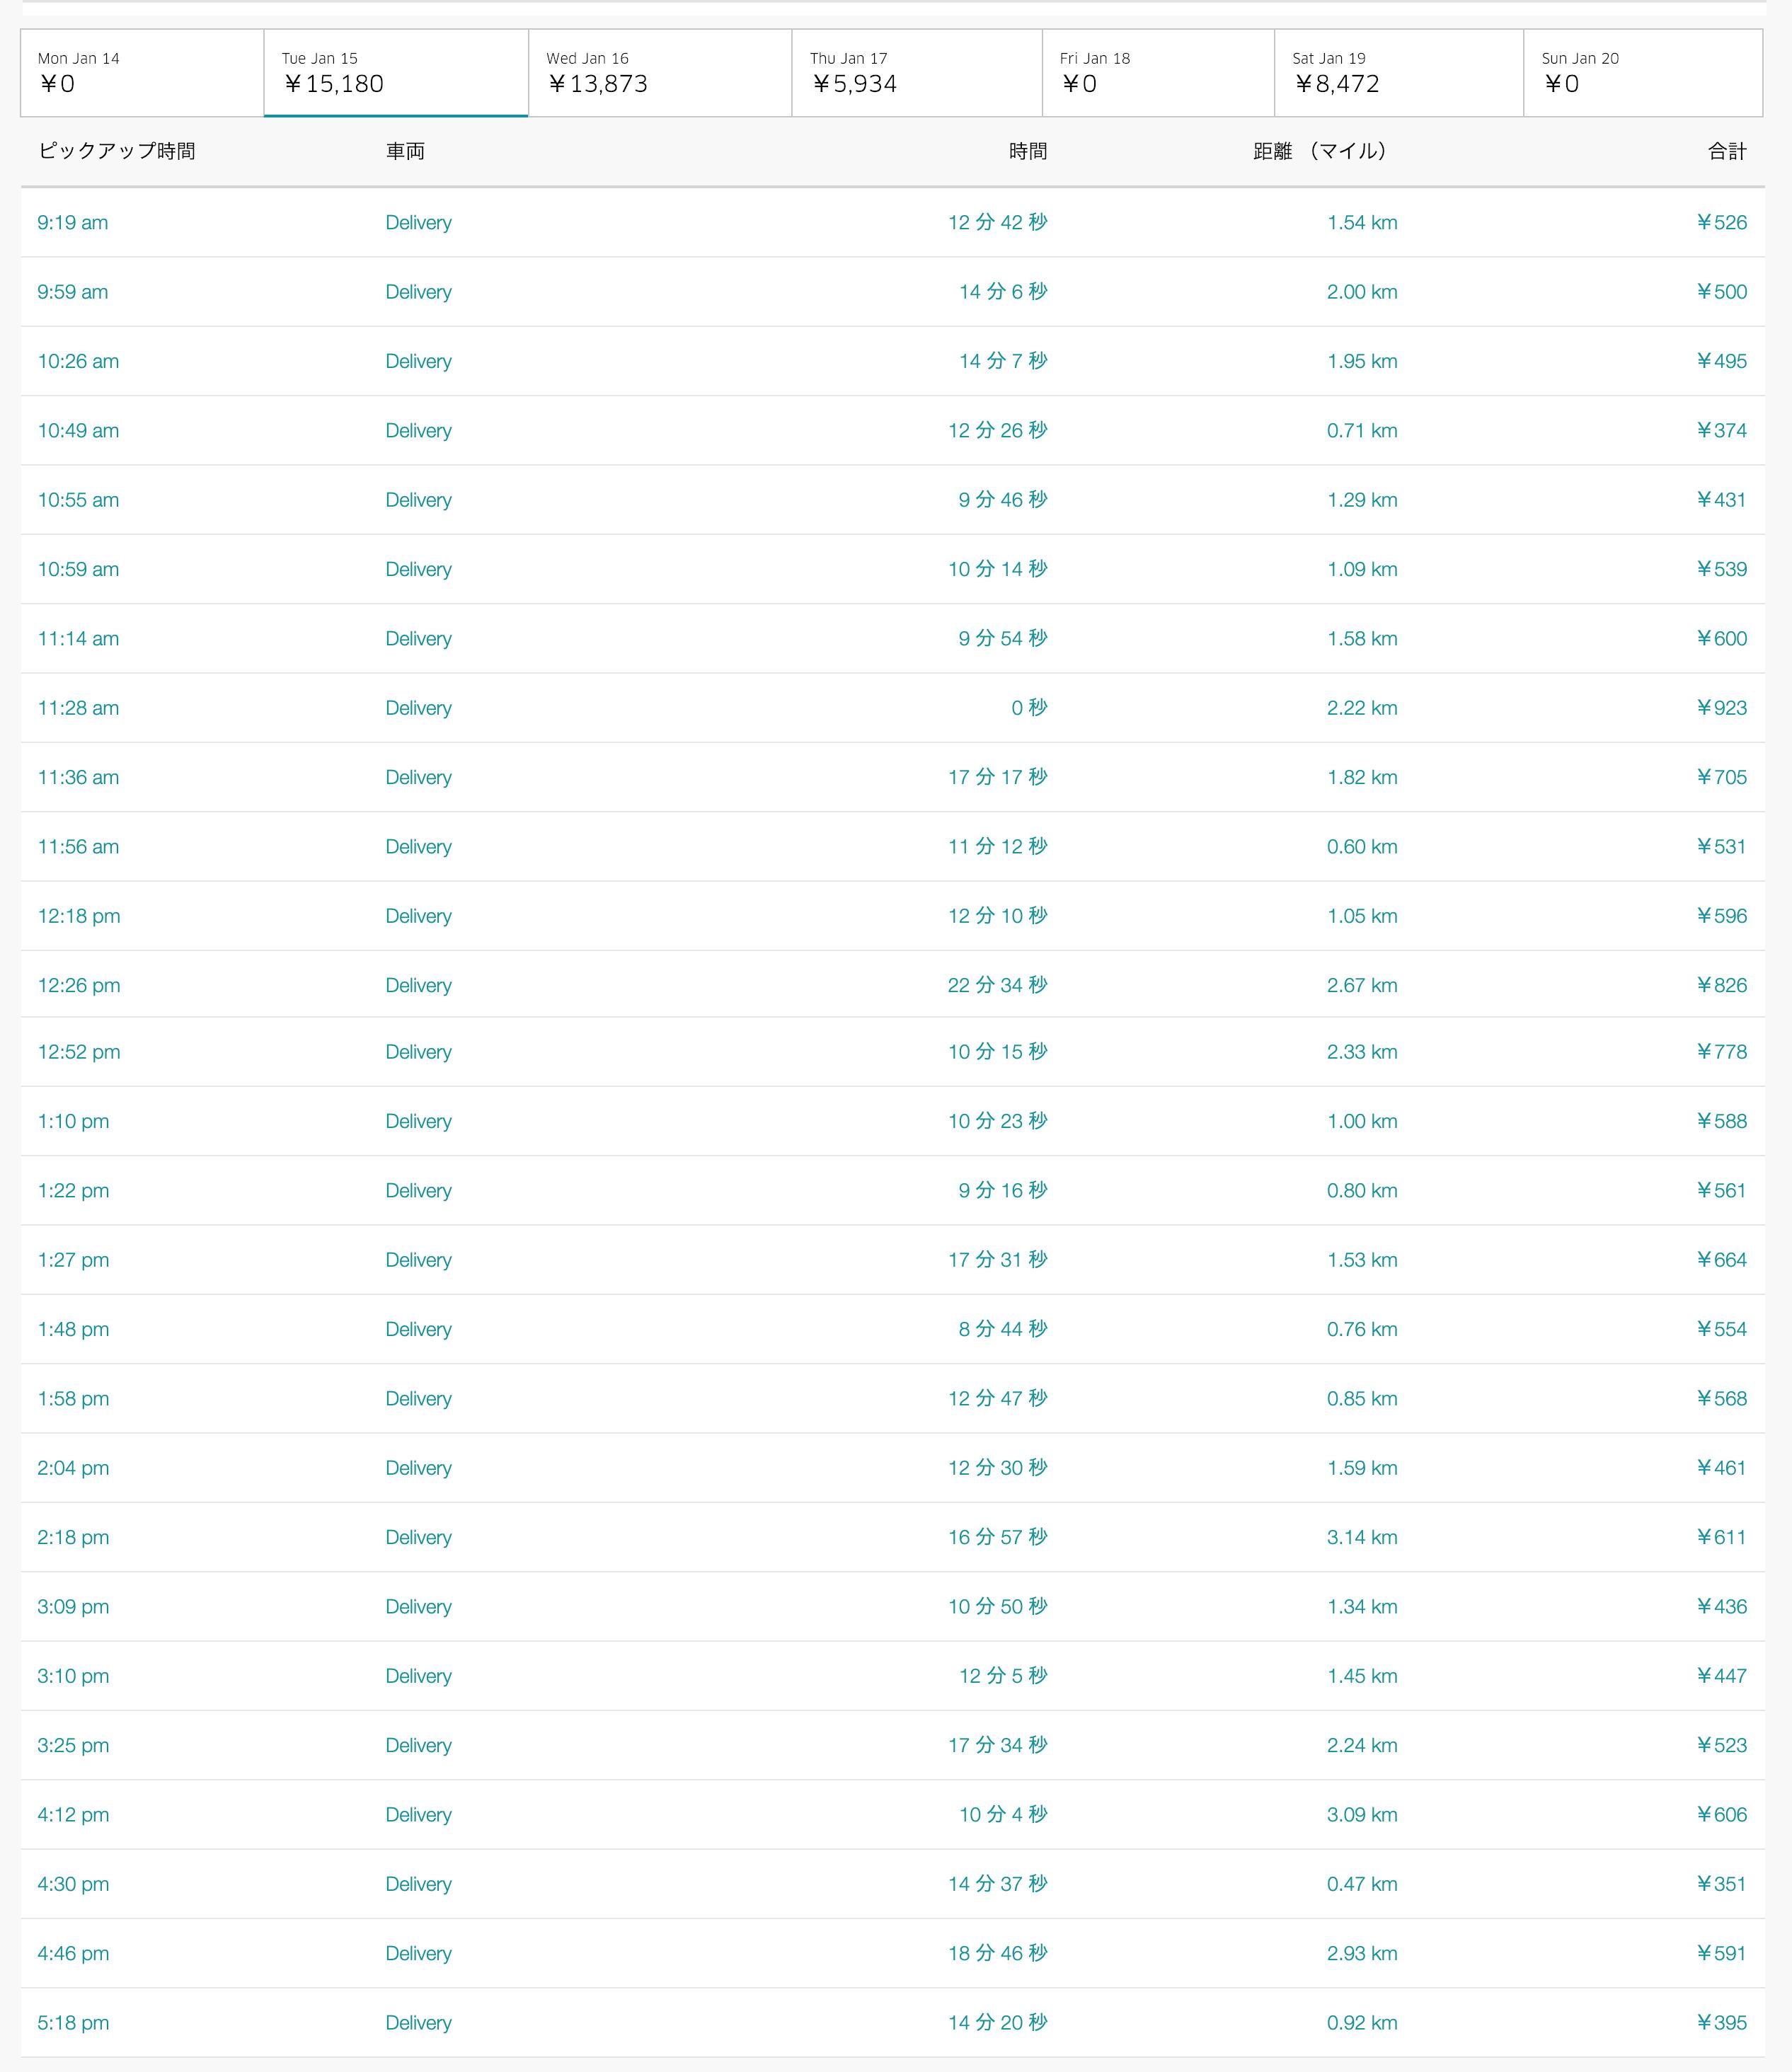 Uber Eats1月15日の配達数字